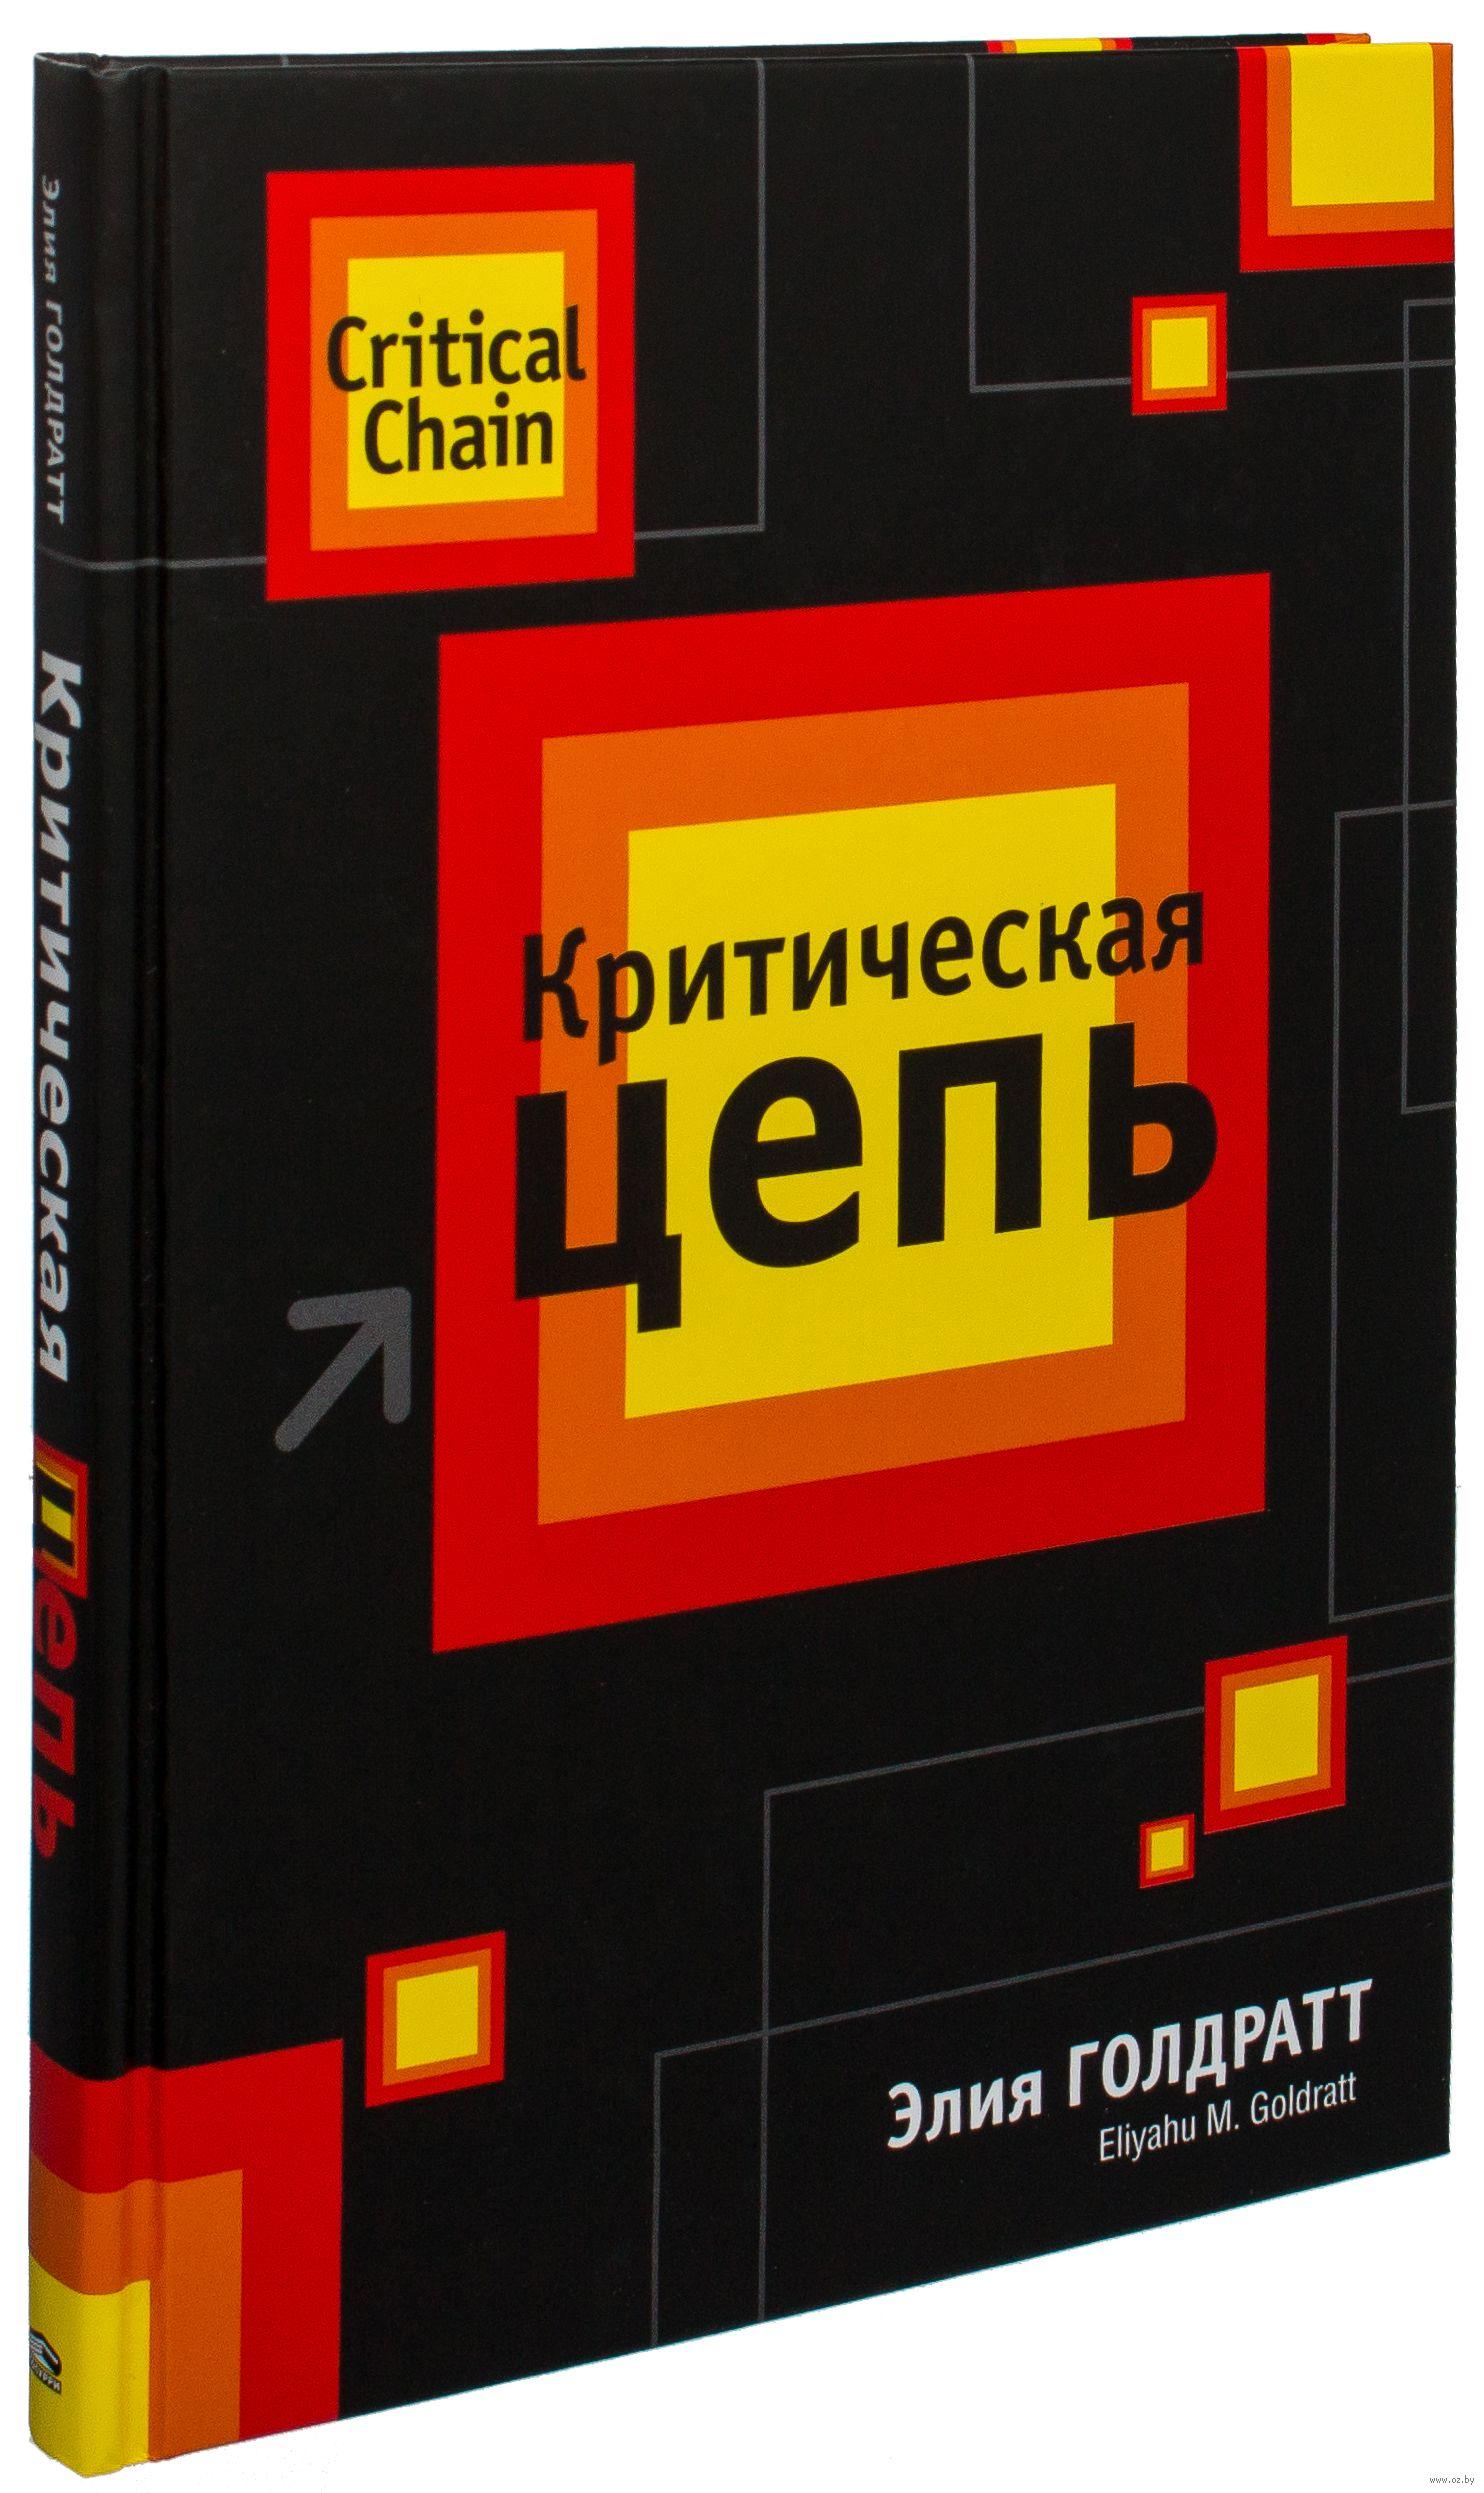 0c79cfc70978 Критическая цепь» Элияху Голдратт - купить книгу «Критическая цепь ...